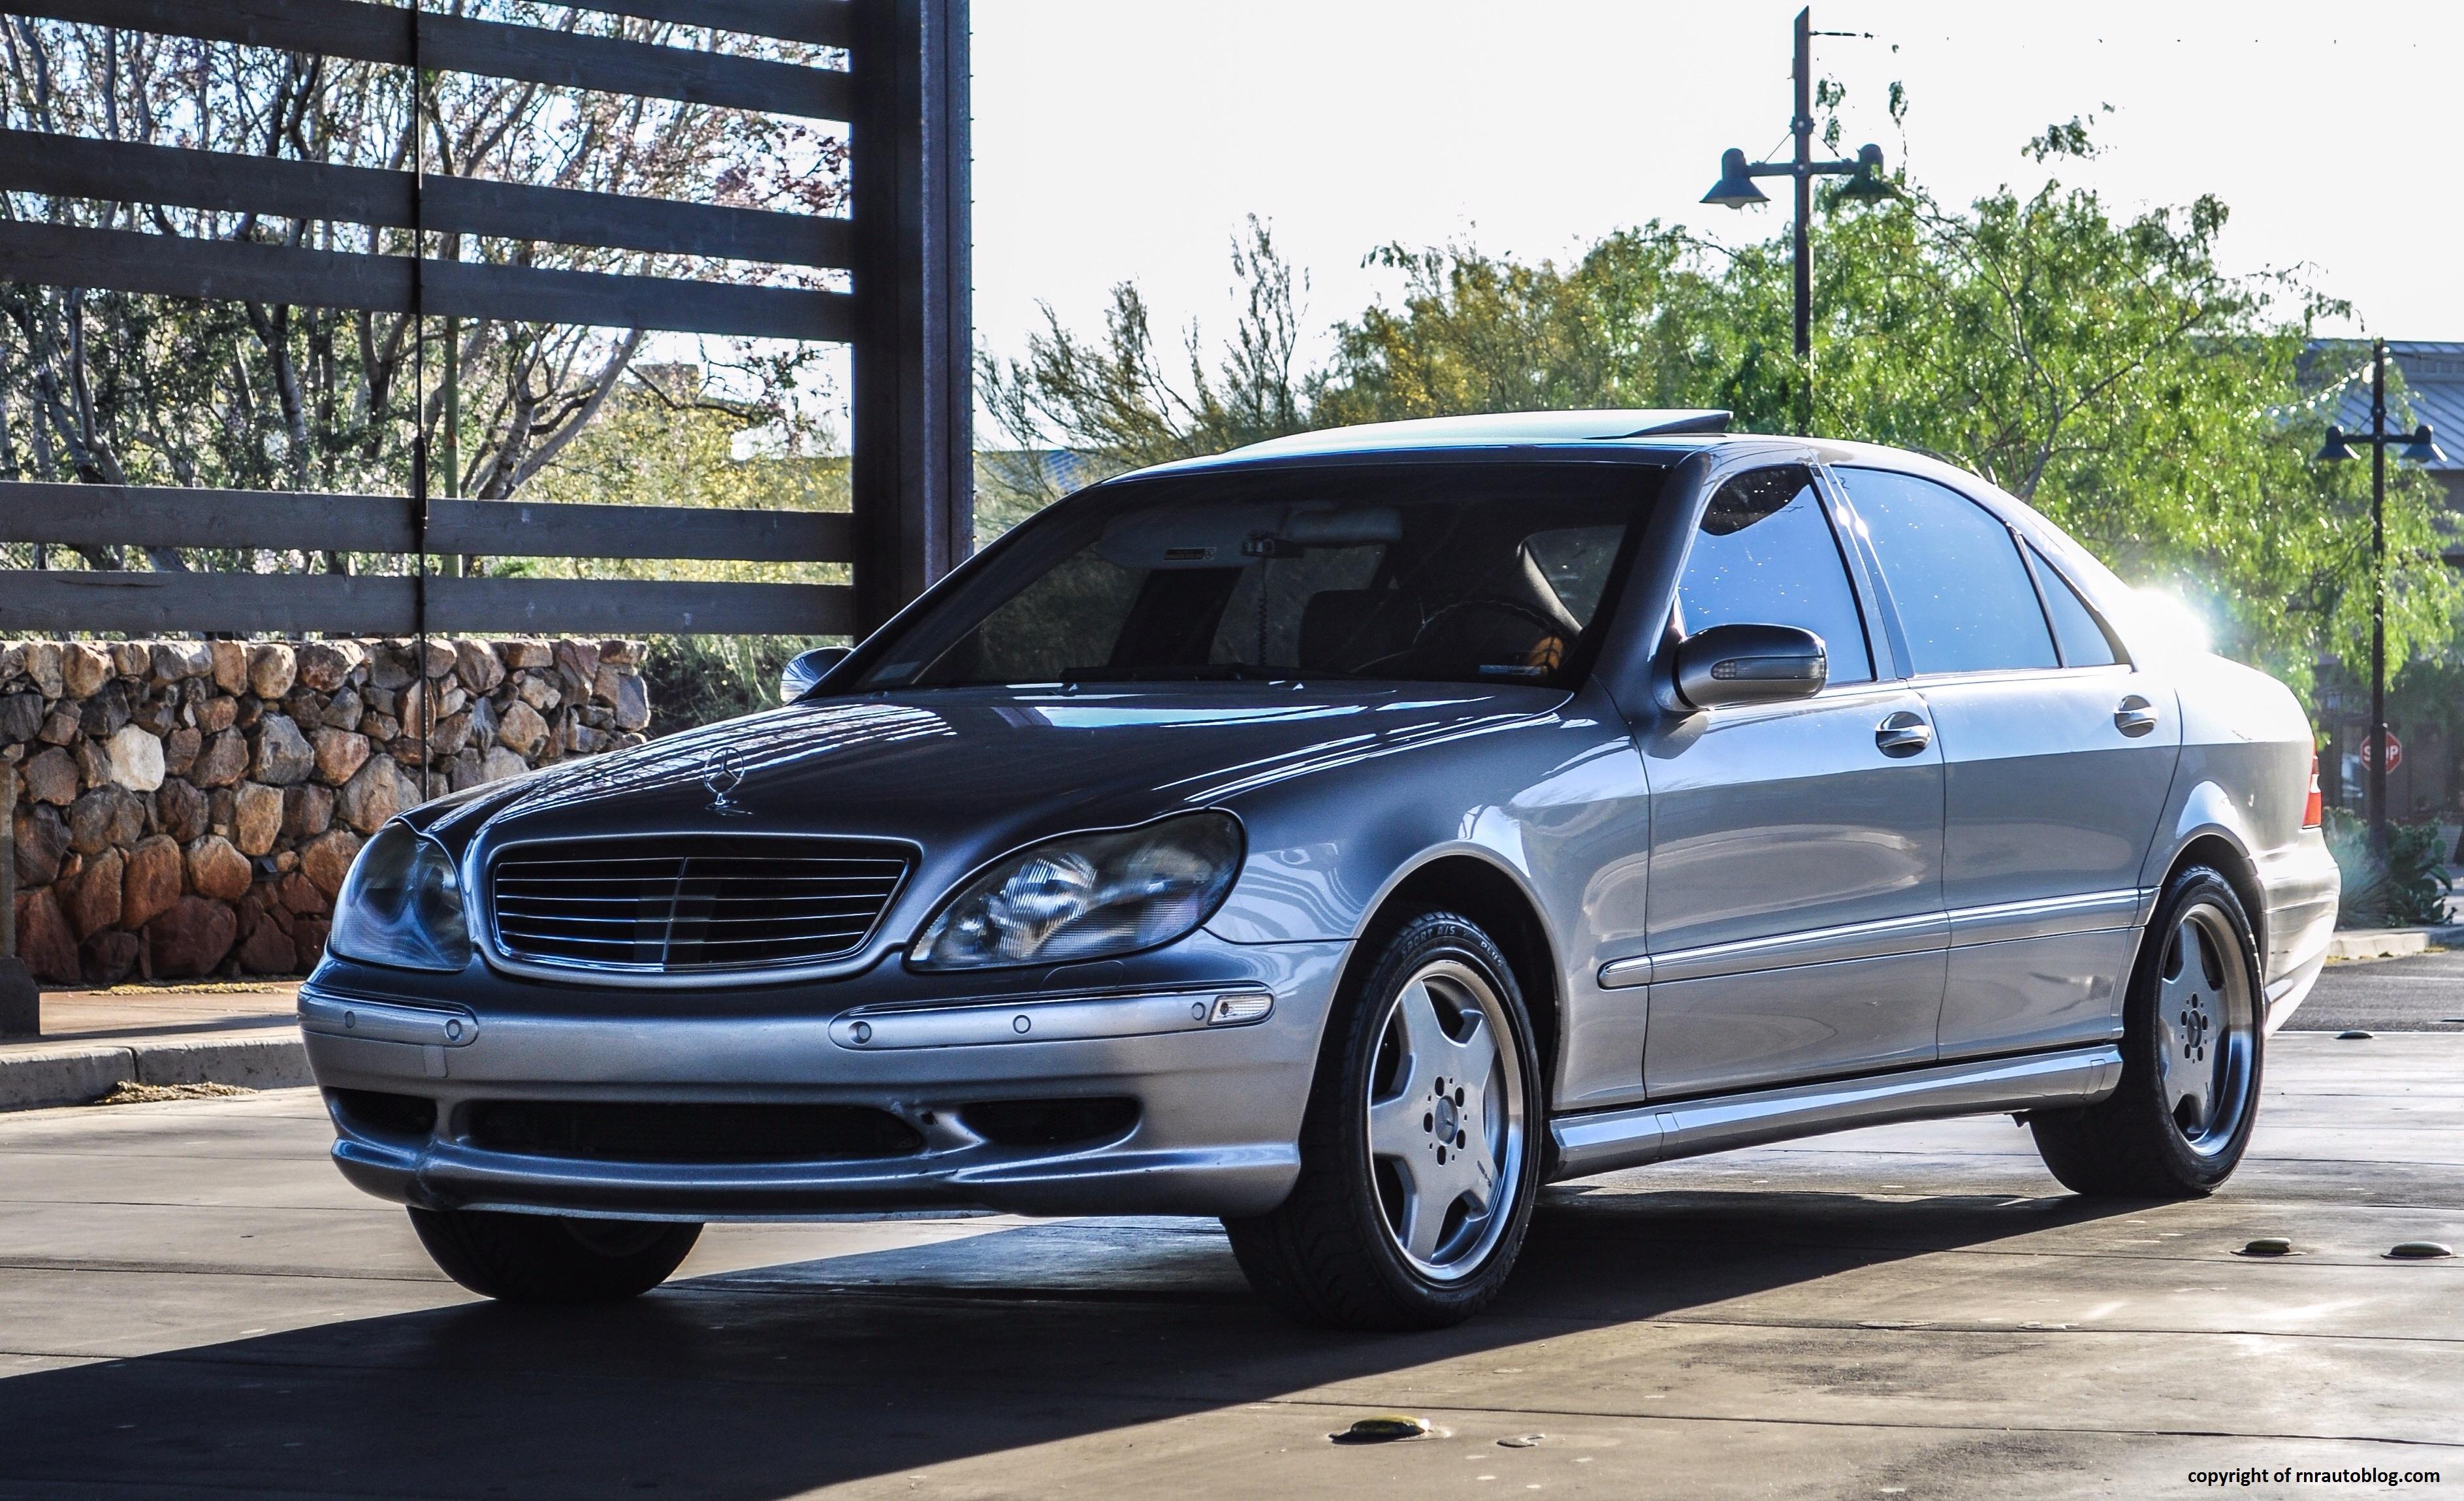 2001 mercedes benz s55 amg review rnr automotive blog s55 13 publicscrutiny Images